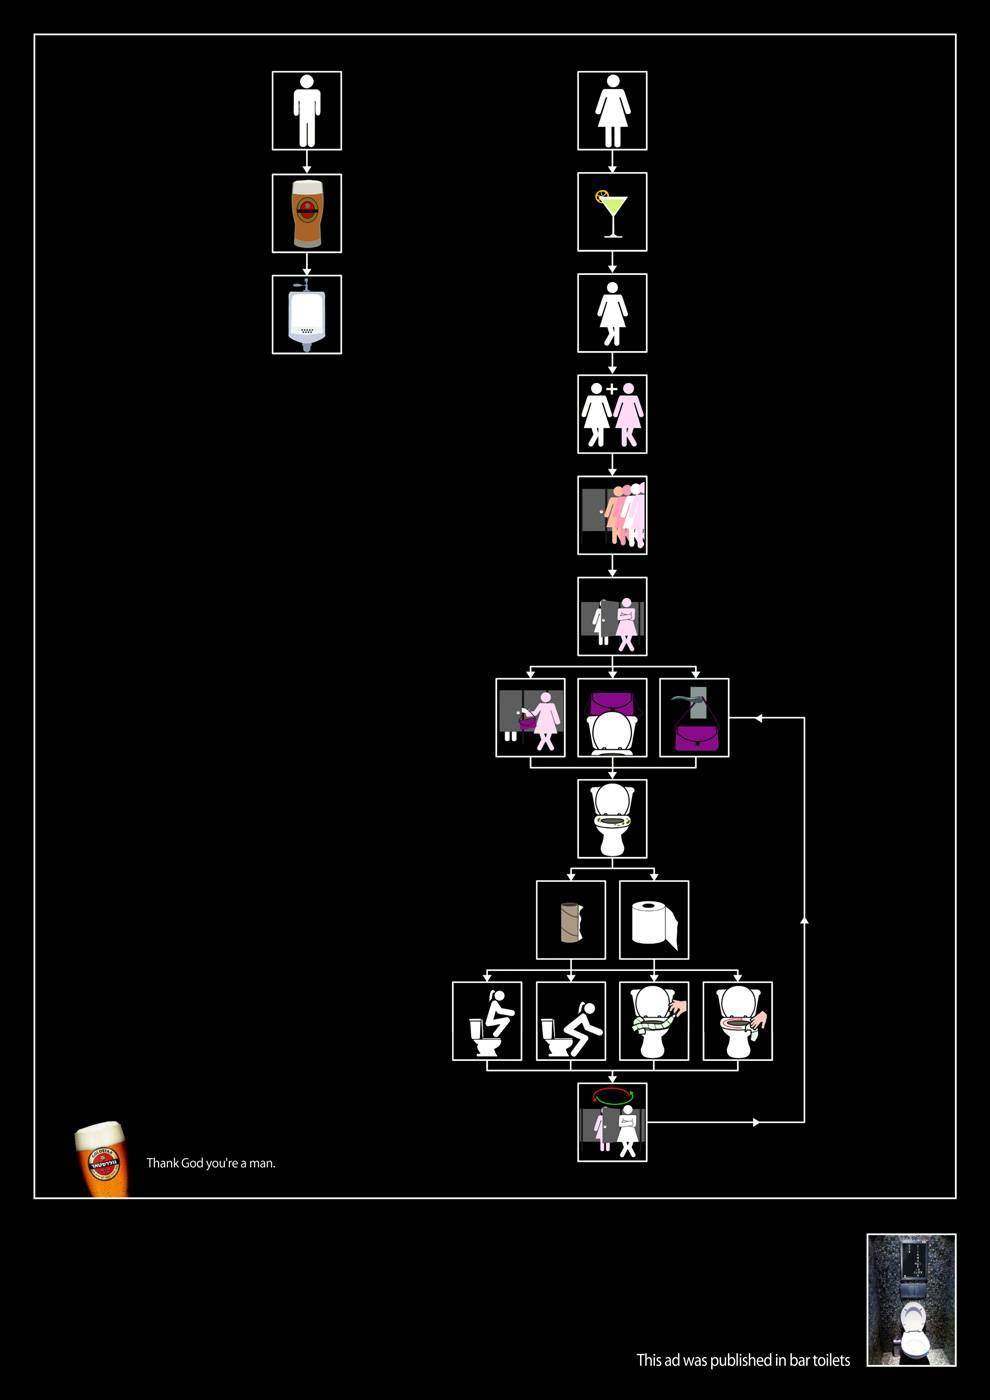 [Beer+toilet.jpg]